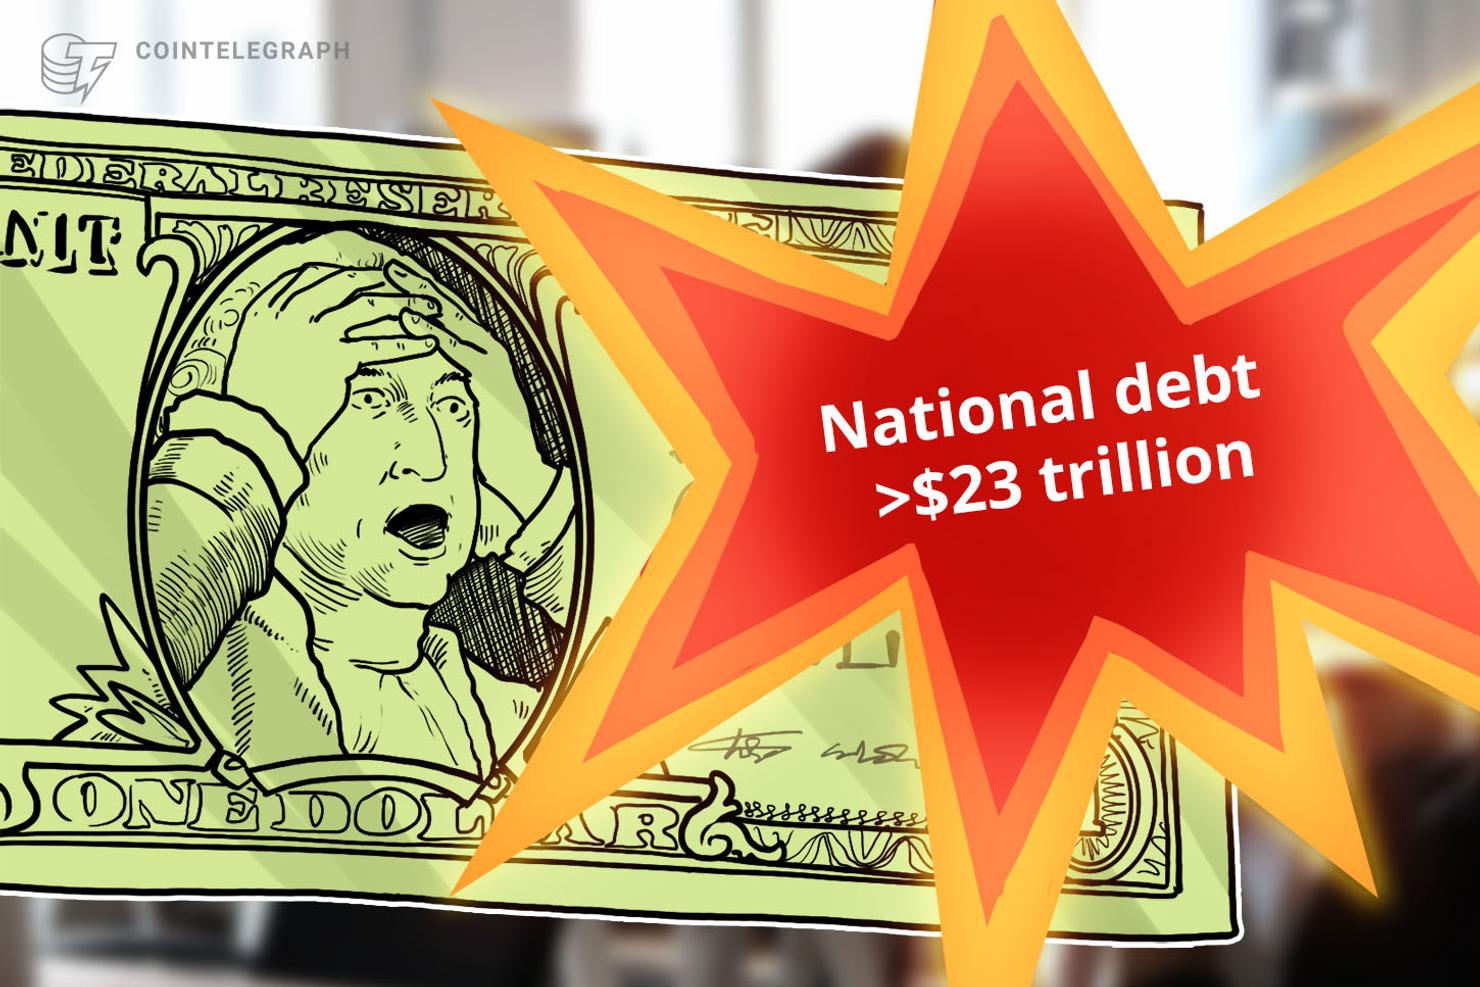 La deuda nacional de Estados Unidos alcanza los 23 billones, más de USD 1 millón por bitcoin